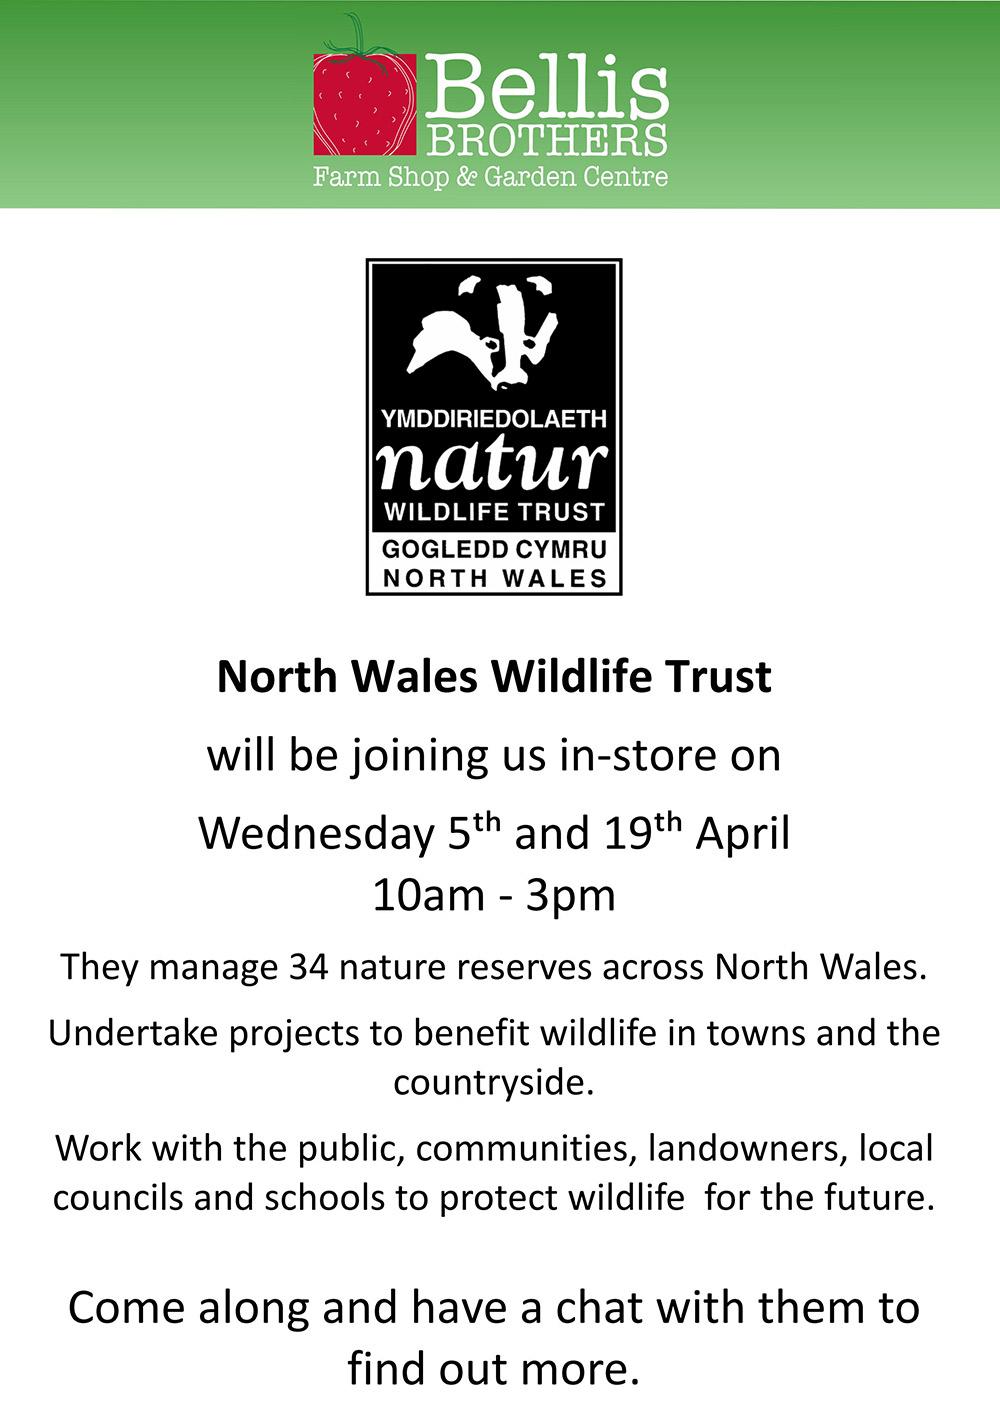 wildlife-trust-both-dates